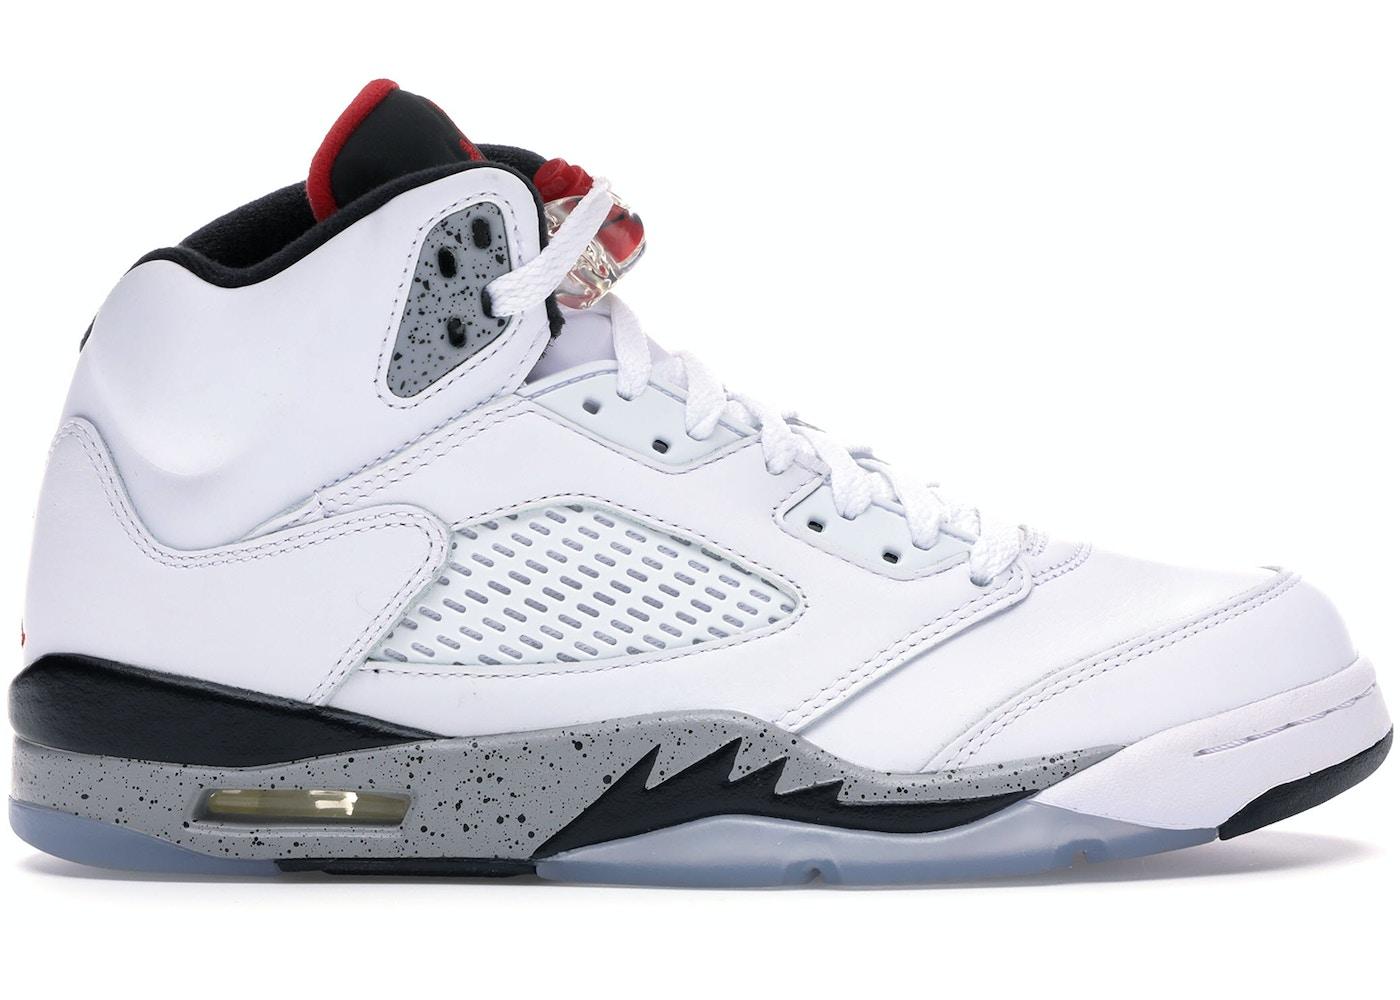 5bf0d7b0f00 Buy Air Jordan 5 Shoes & Deadstock Sneakers